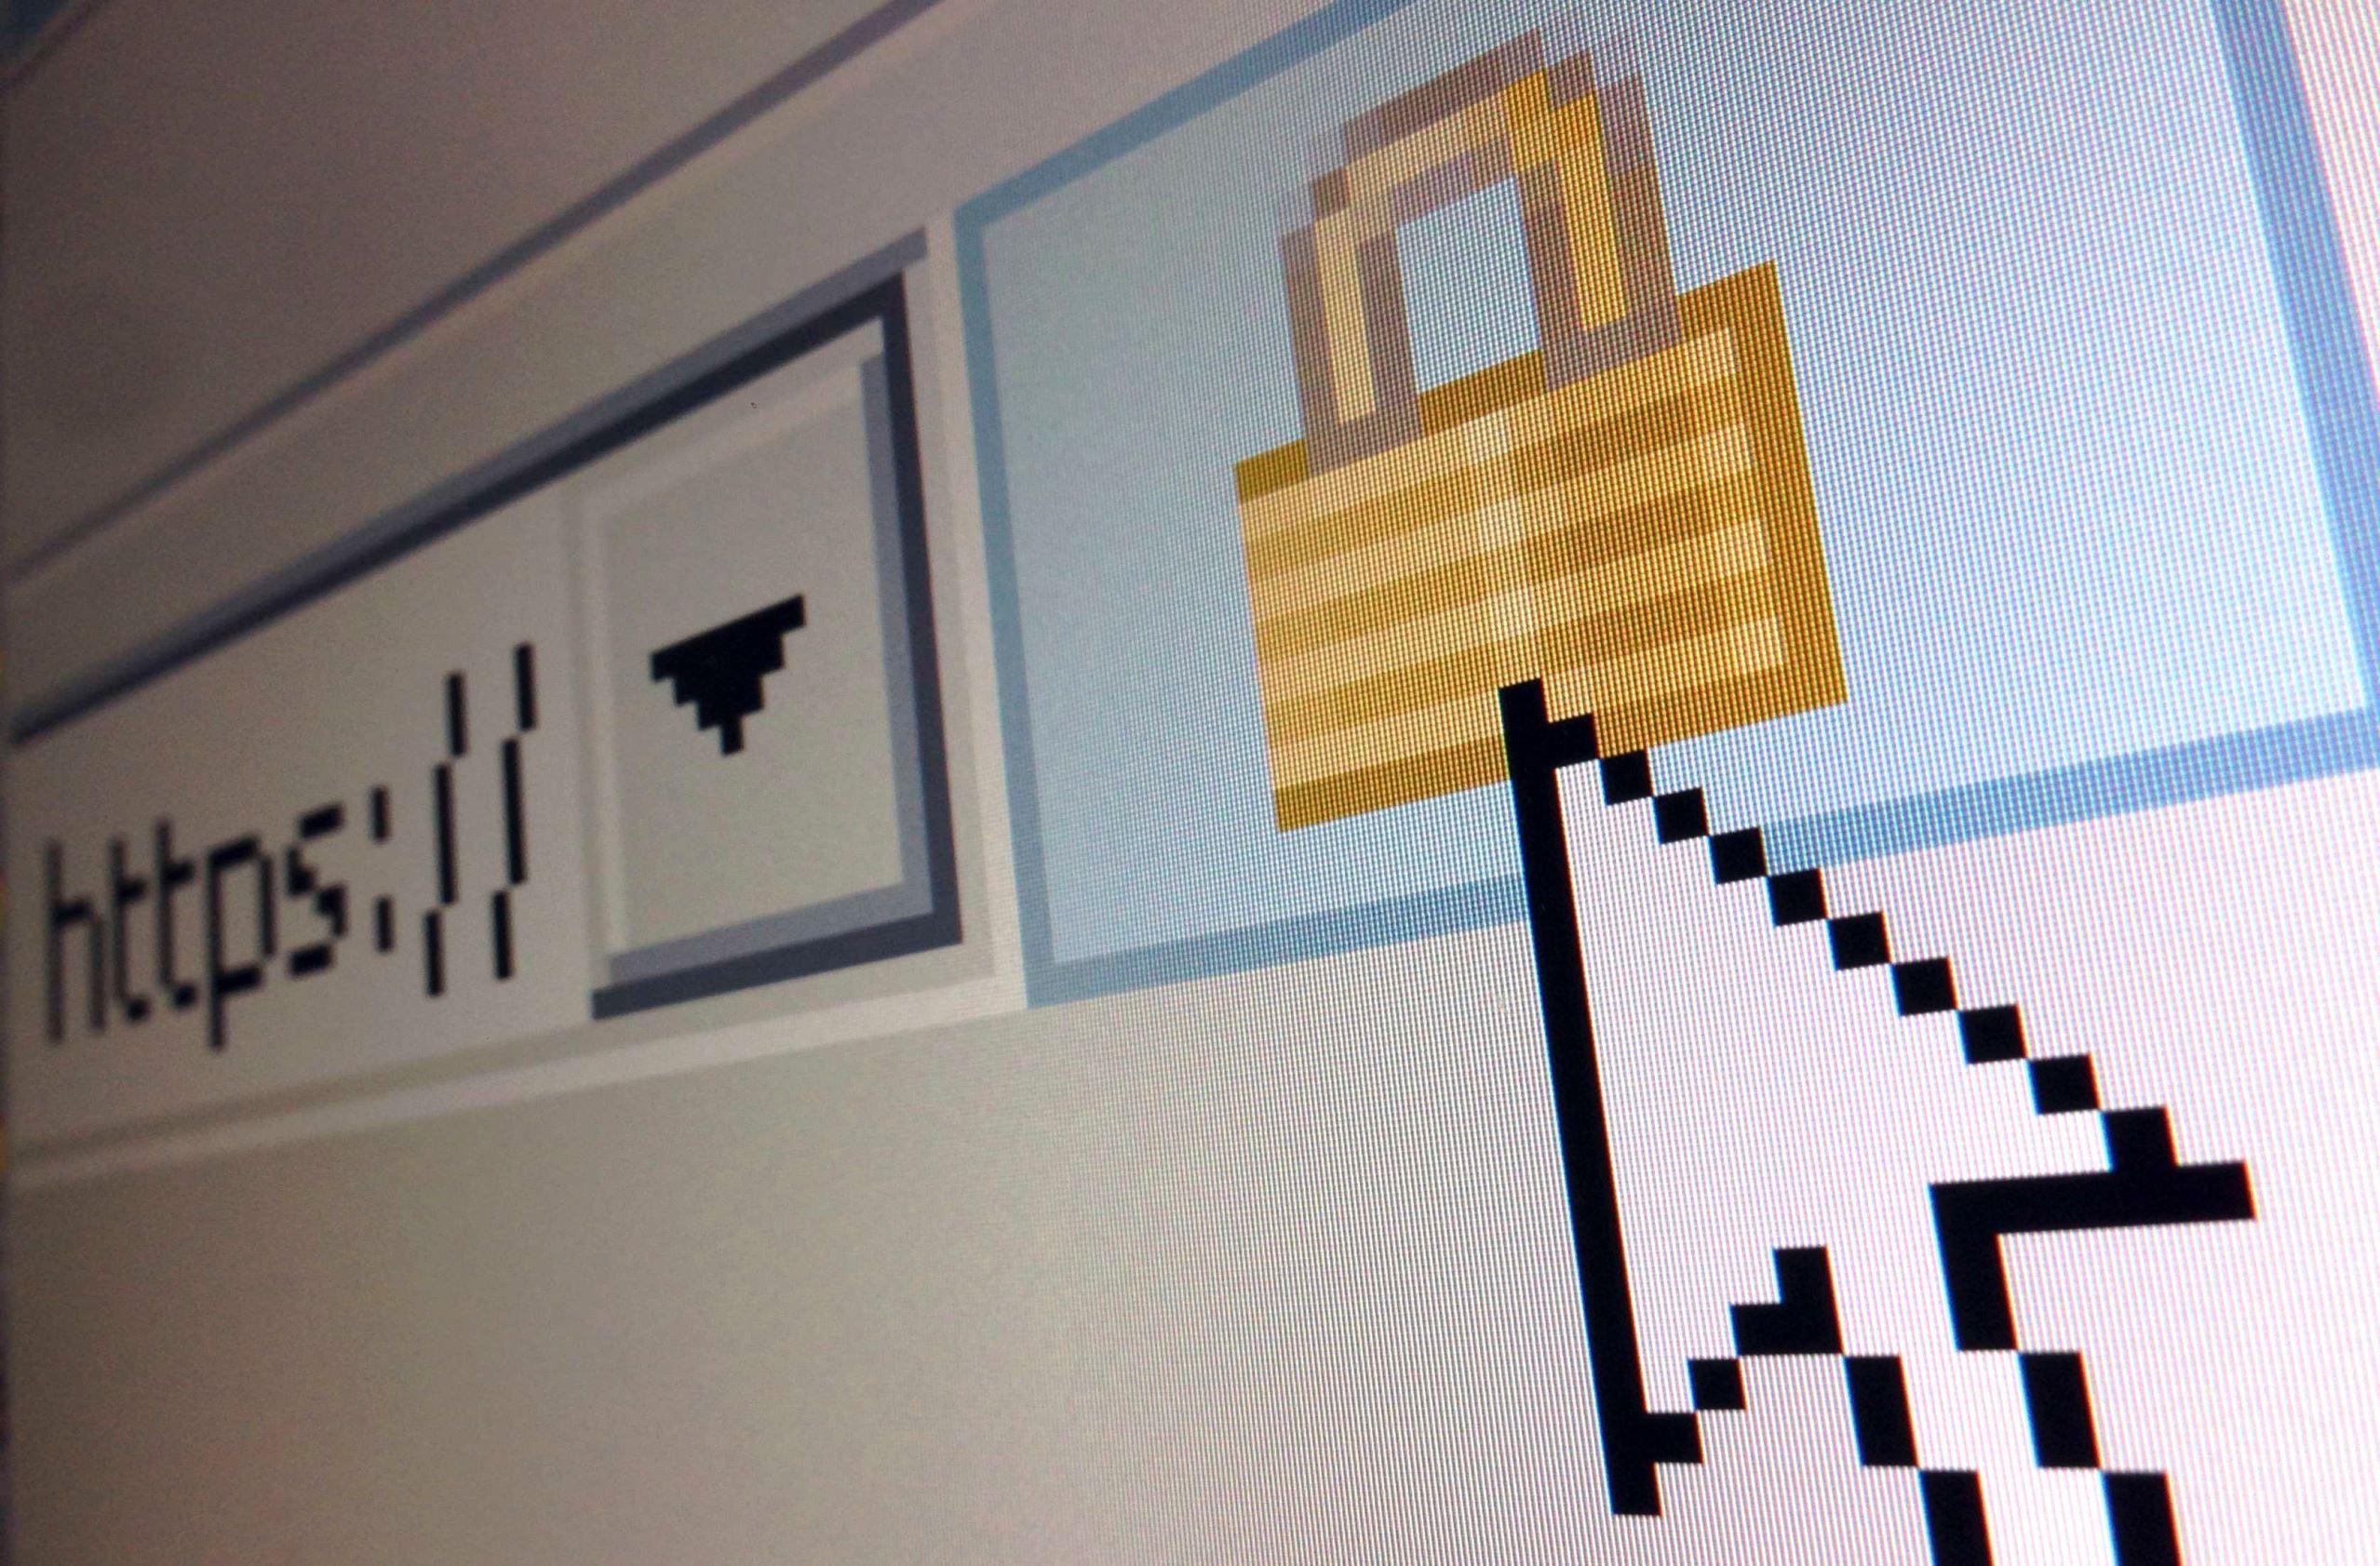 Um ícone de cadeado, significando uma conexão de Internet criptografada, é visto em um navegador Internet Explorer.